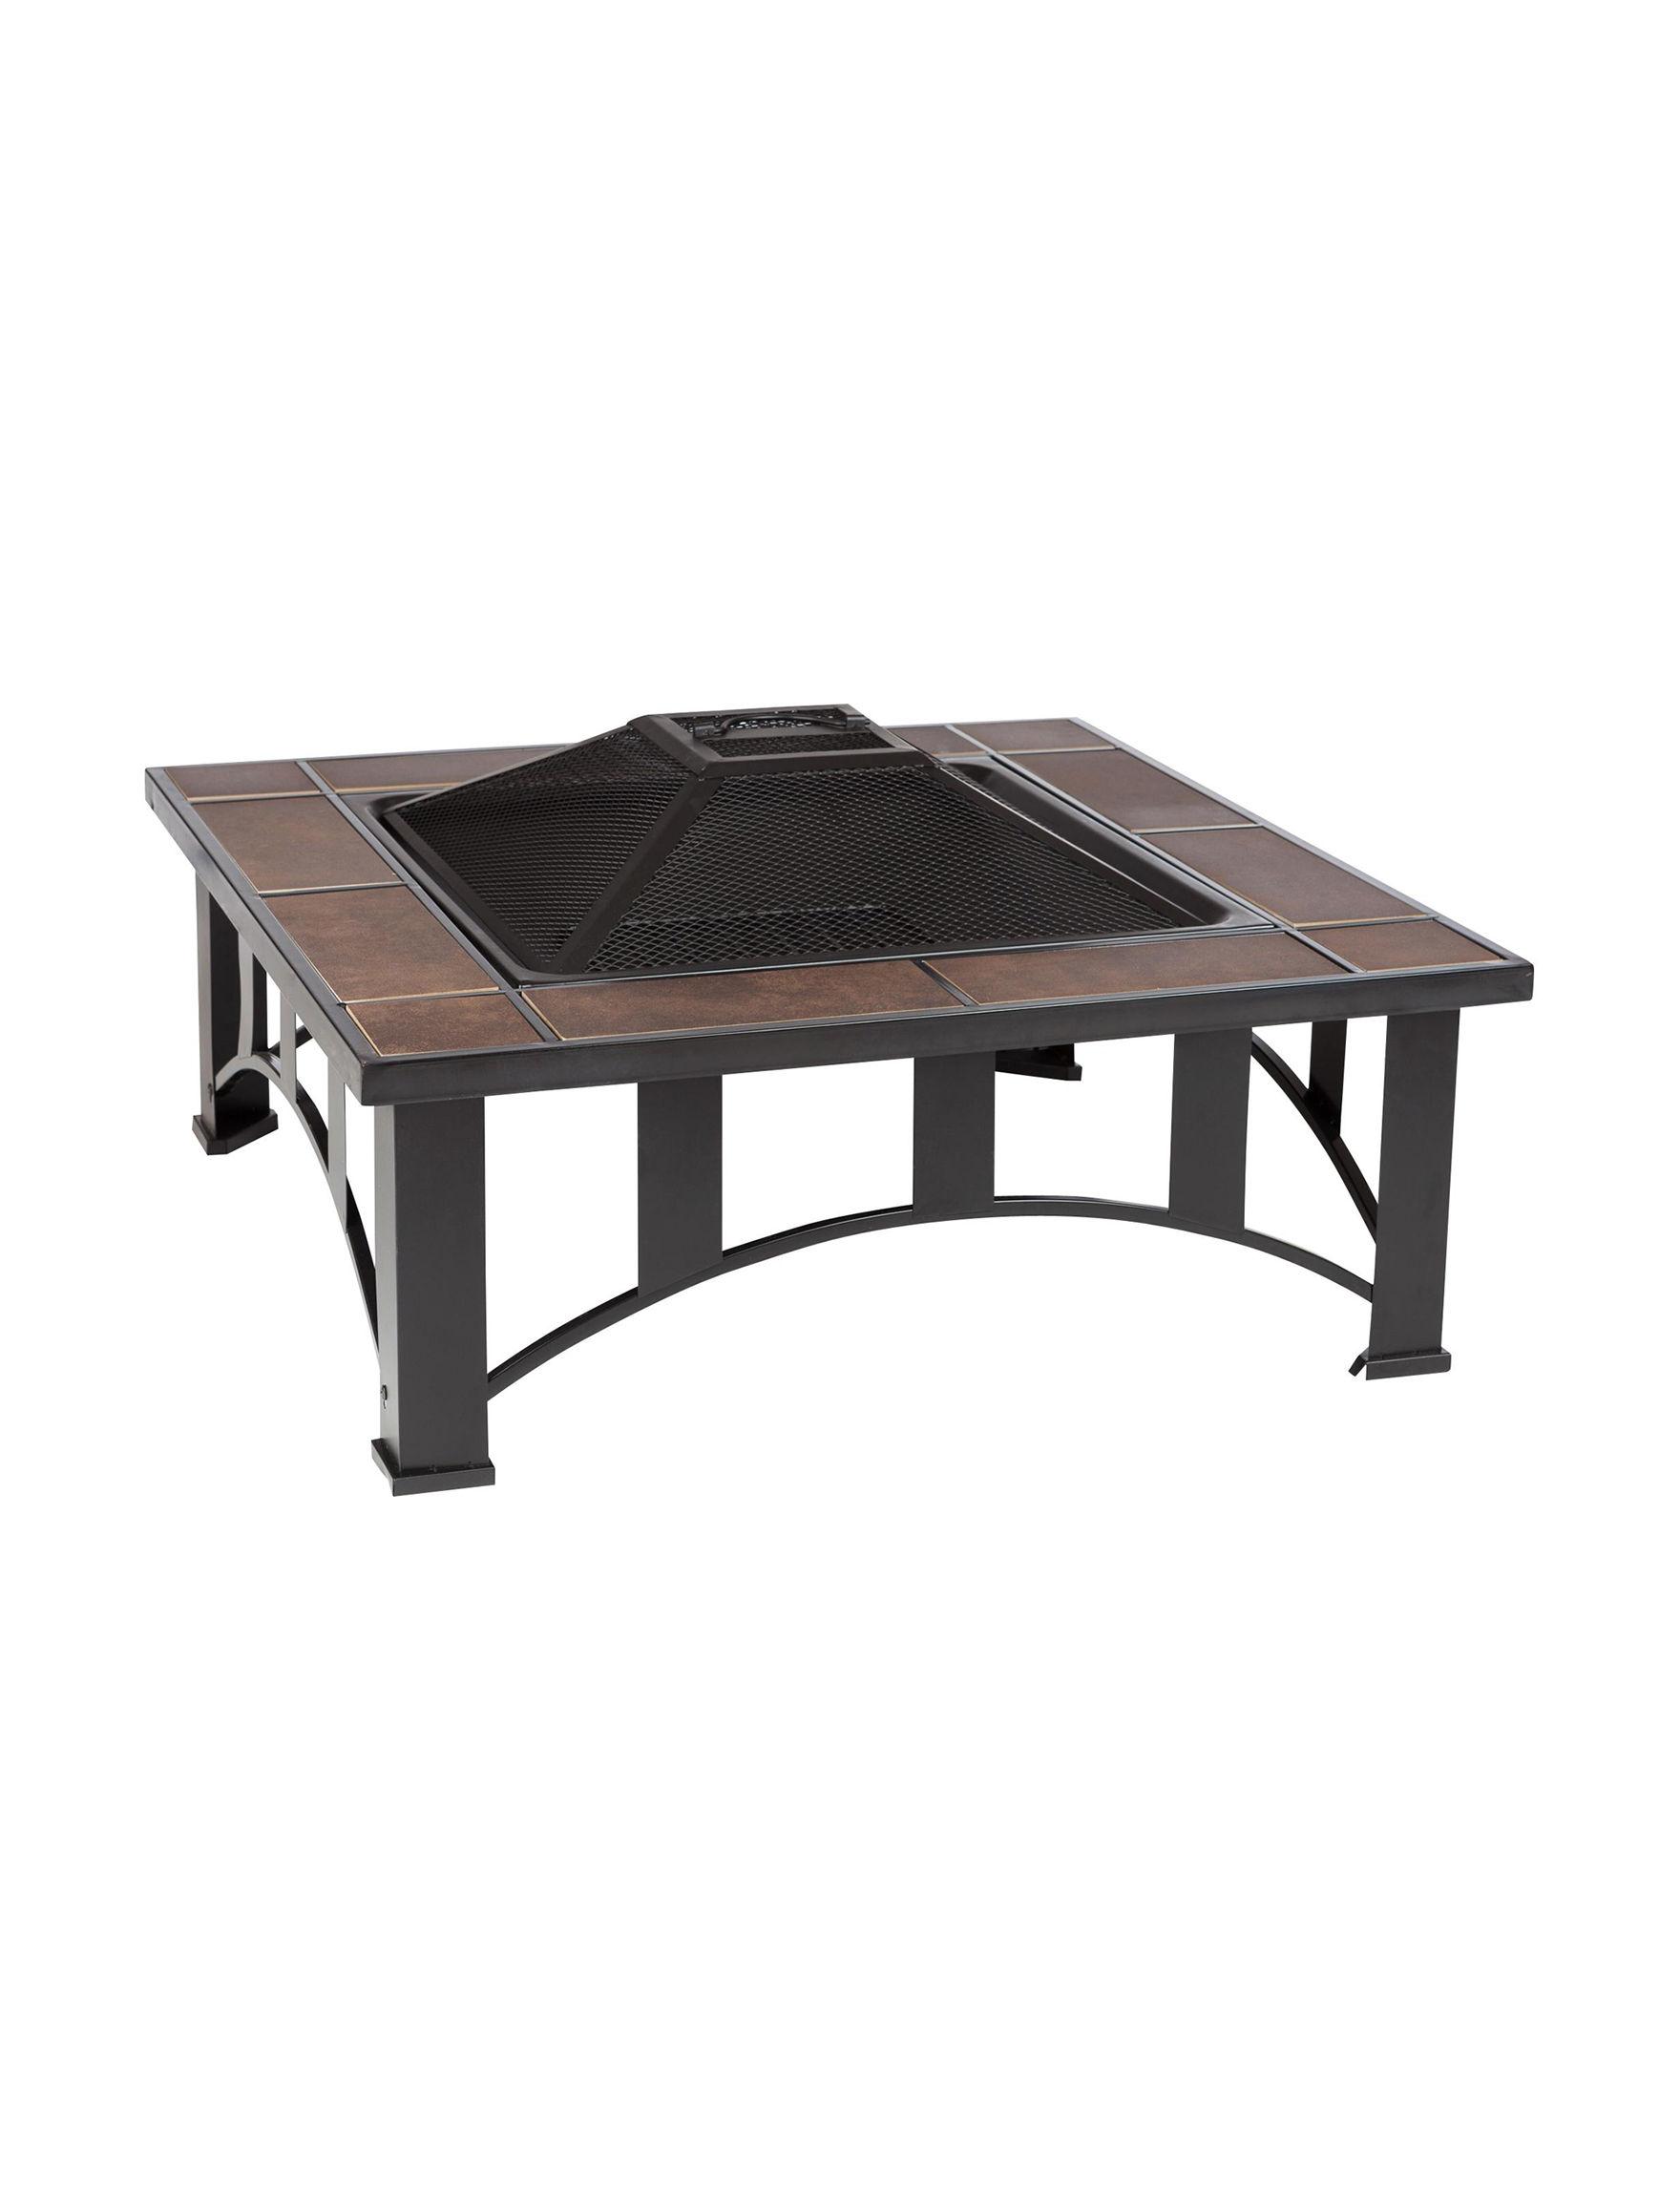 Fire Sense Black Outdoor Entertaining Patio & Outdoor Furniture